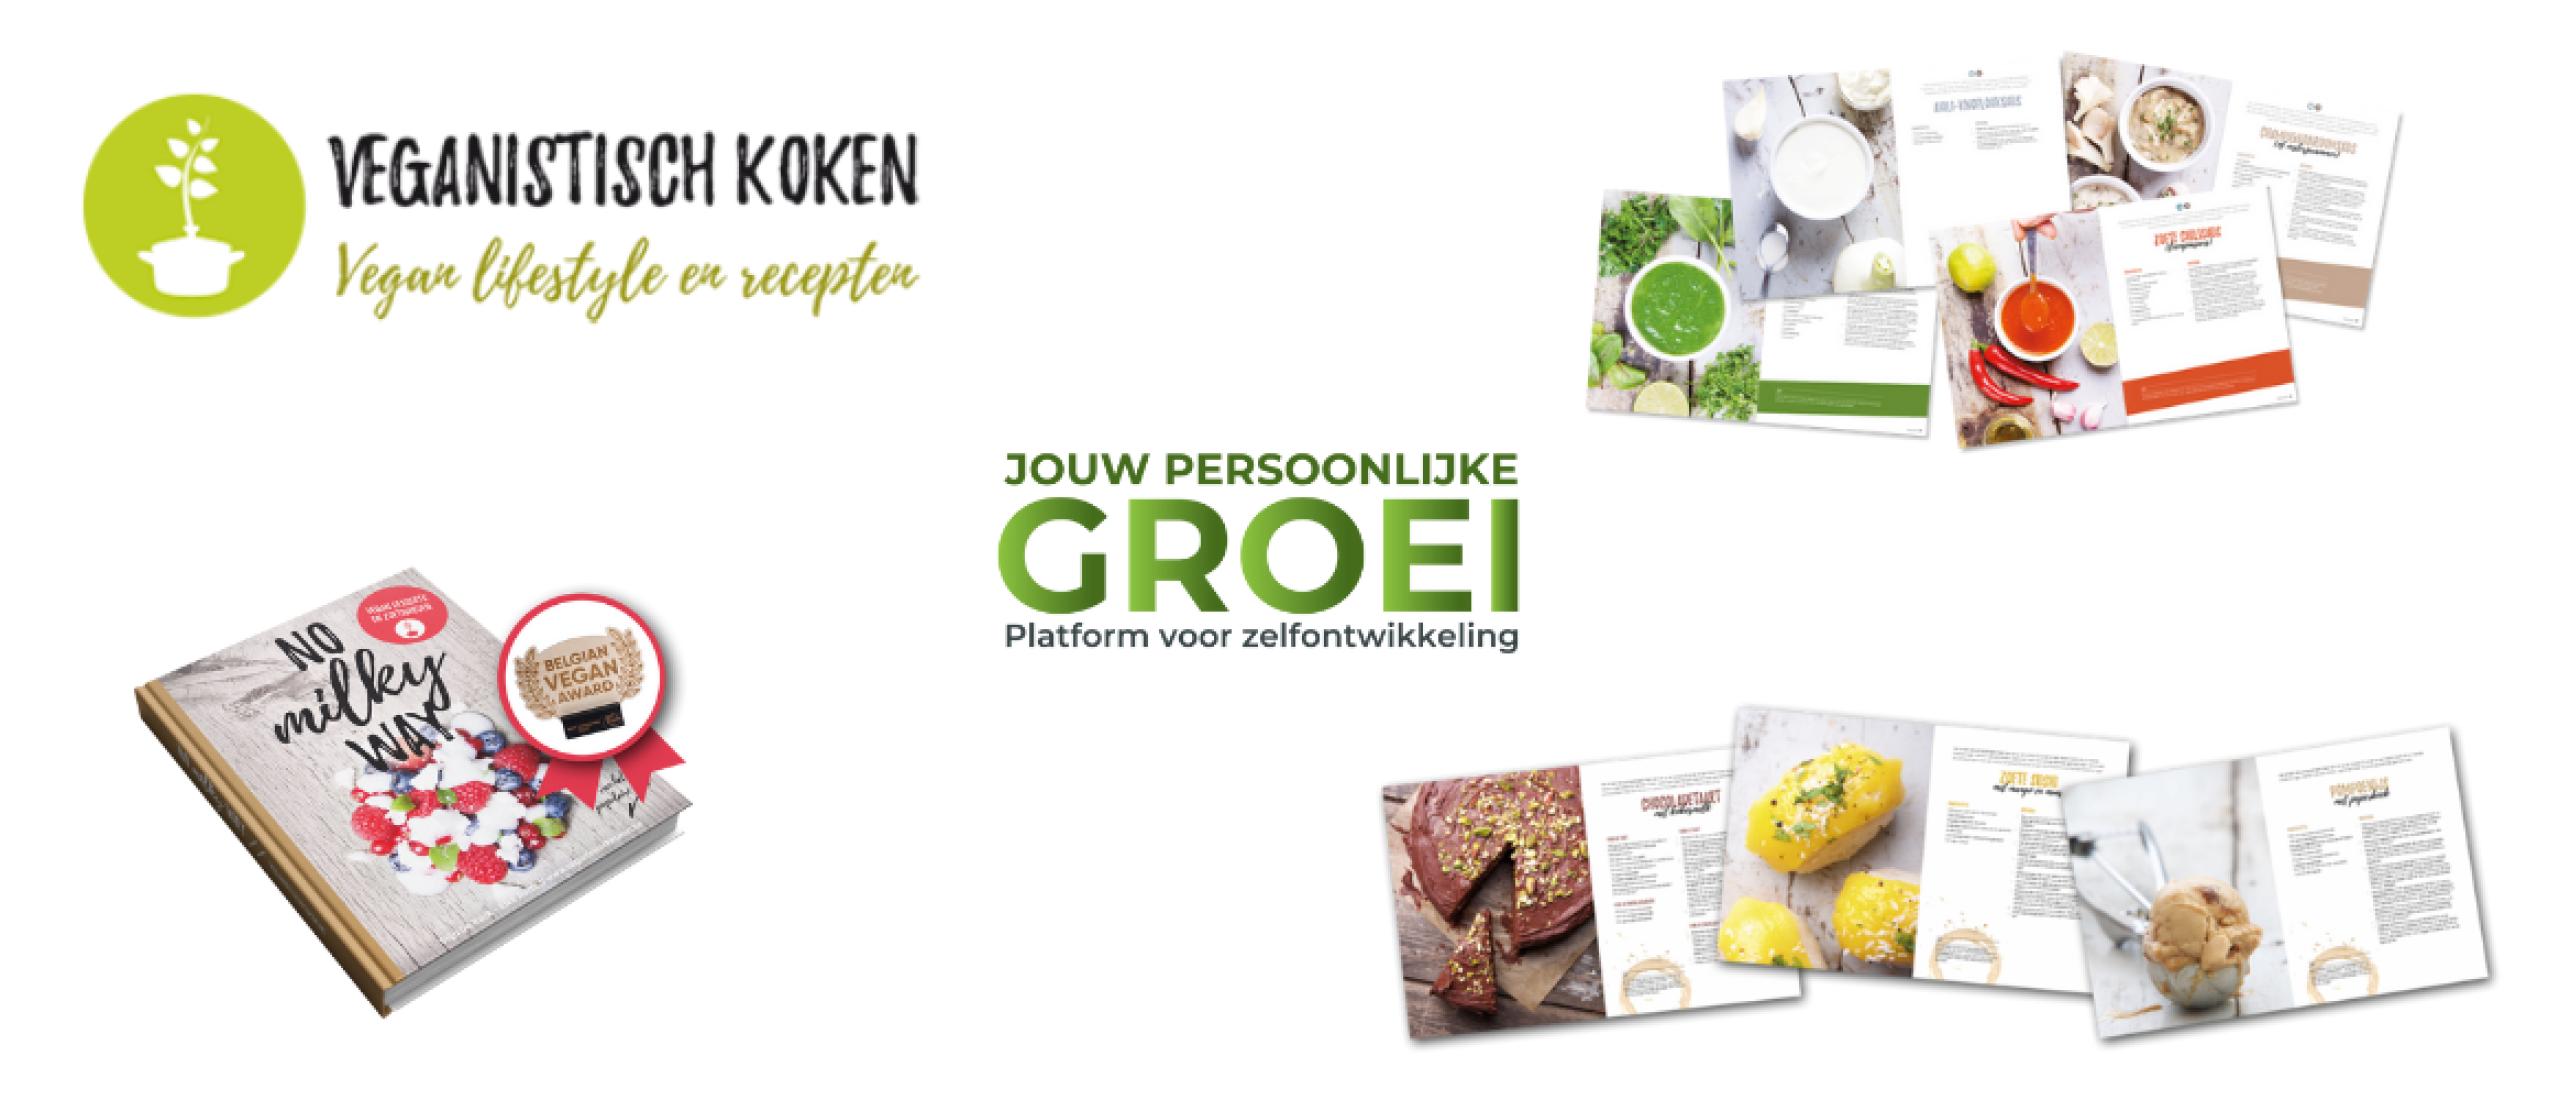 Lekker veganistisch koken voor beginners! (2021) Kookboek Elke Aerts | Extra voordelig!